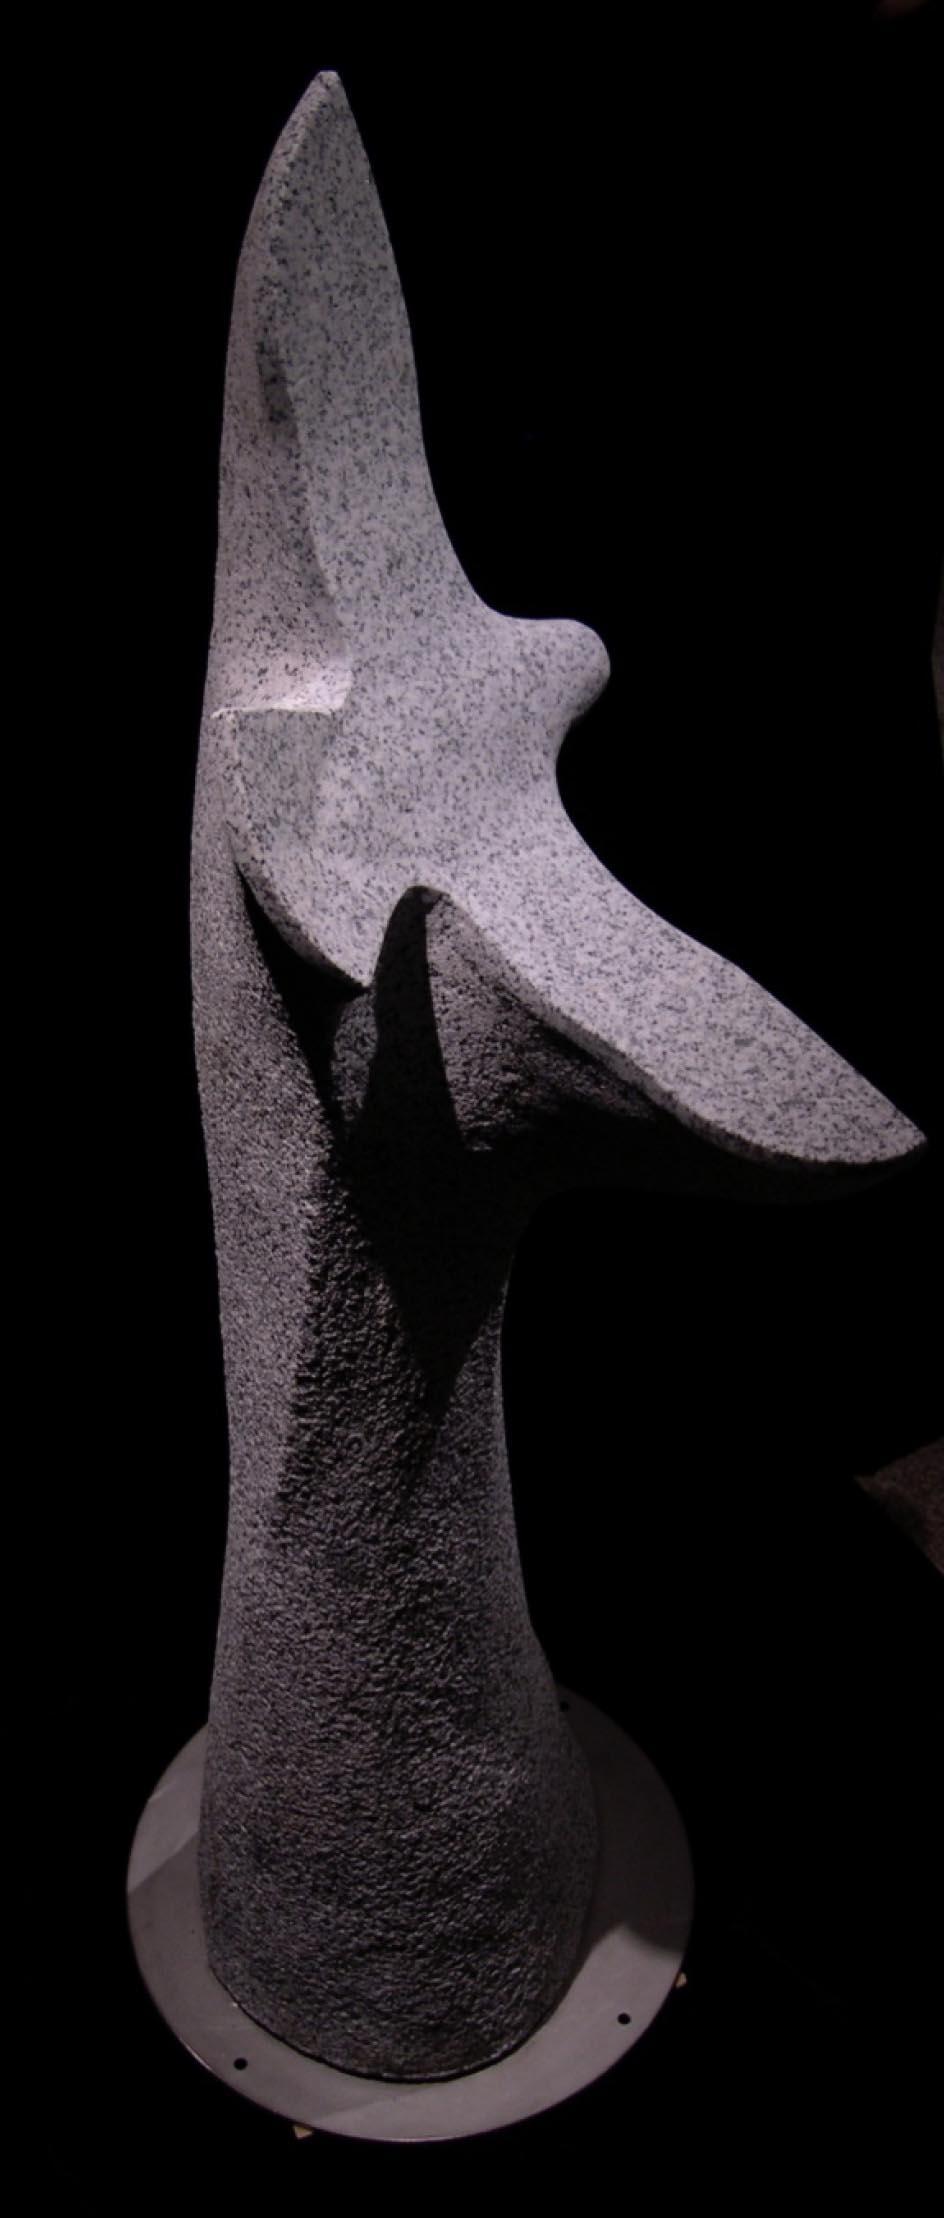 michael binkley sculptor stone sculpture artist peregrine falcon granite statue vancouver canada